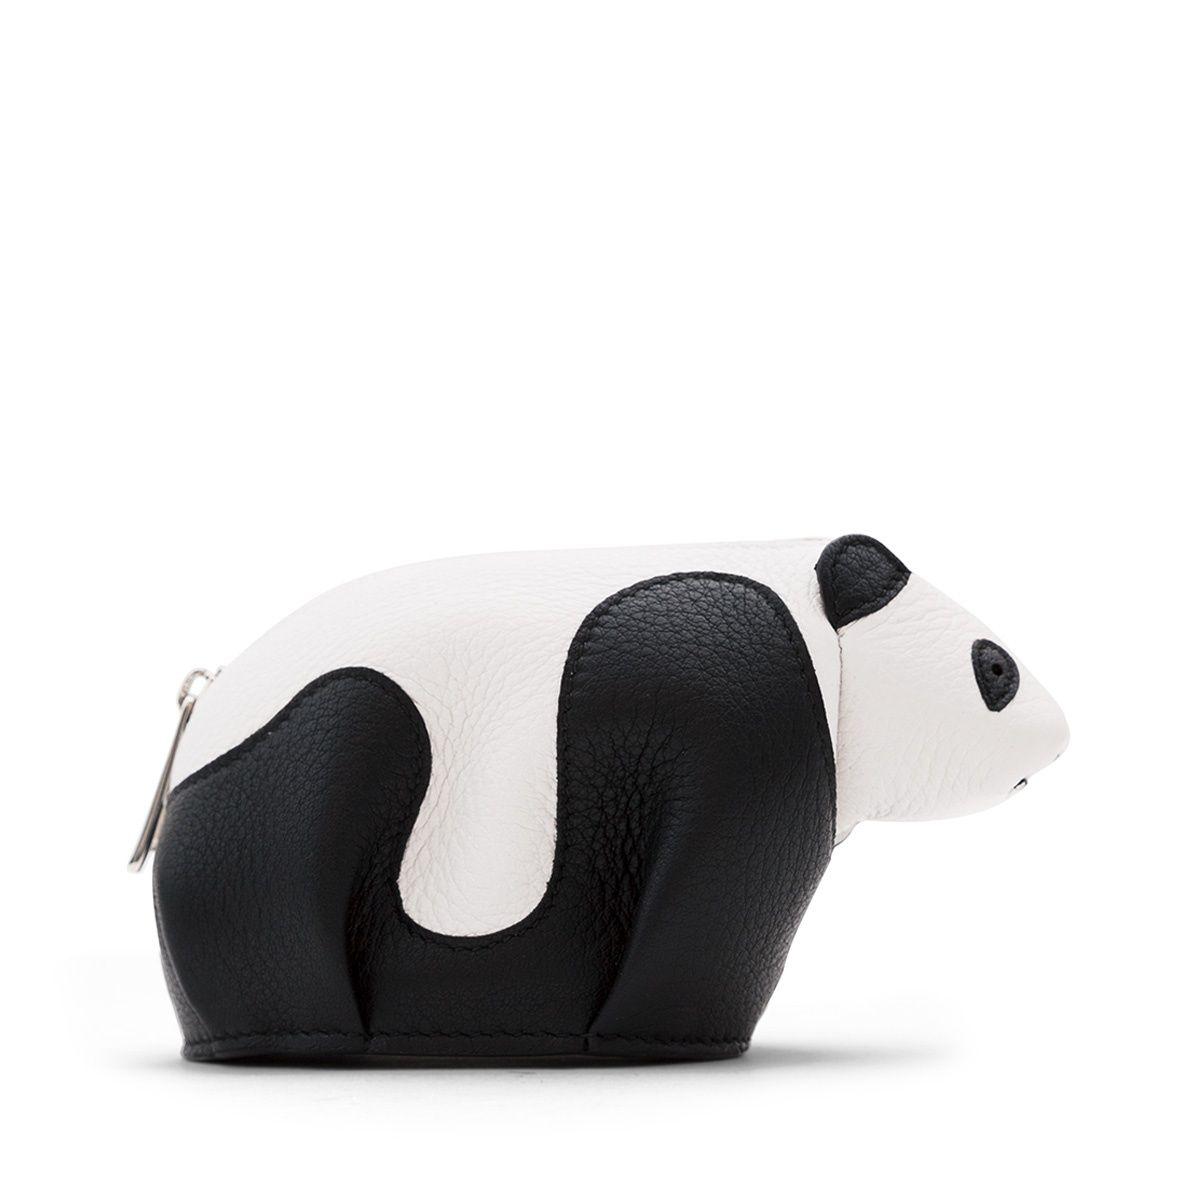 Loewe Animales - Monedero Panda Negro/blanco Conozca todos los ...